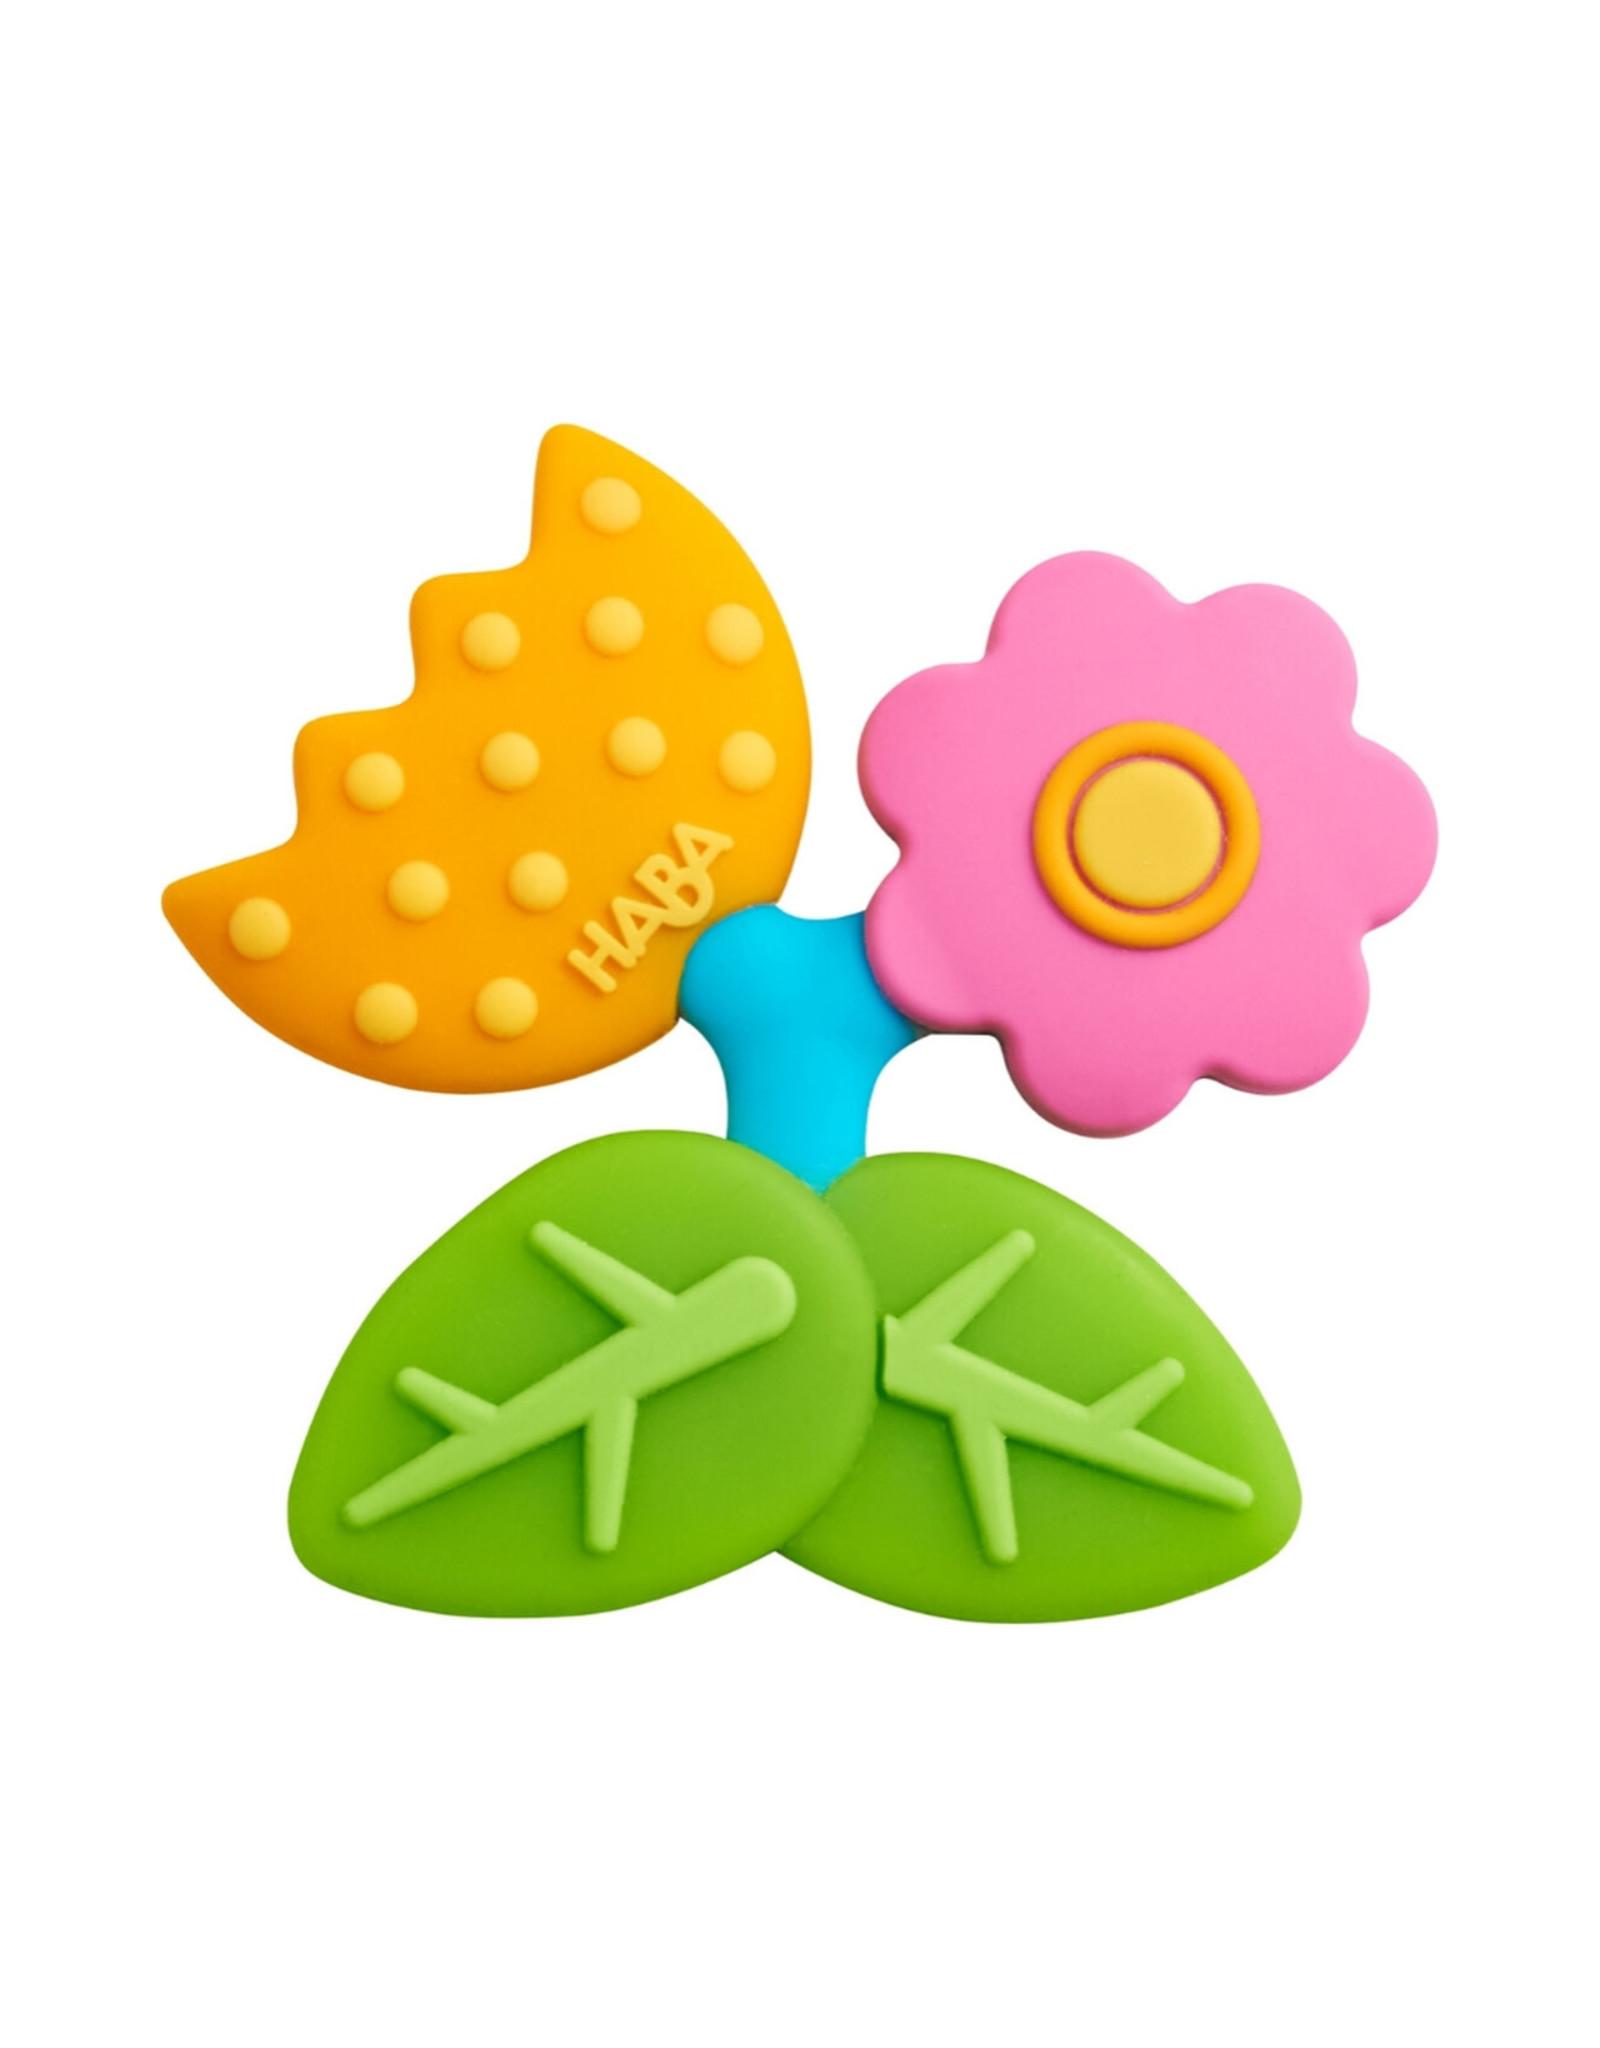 Haba Clutching Toy, Petal Teether